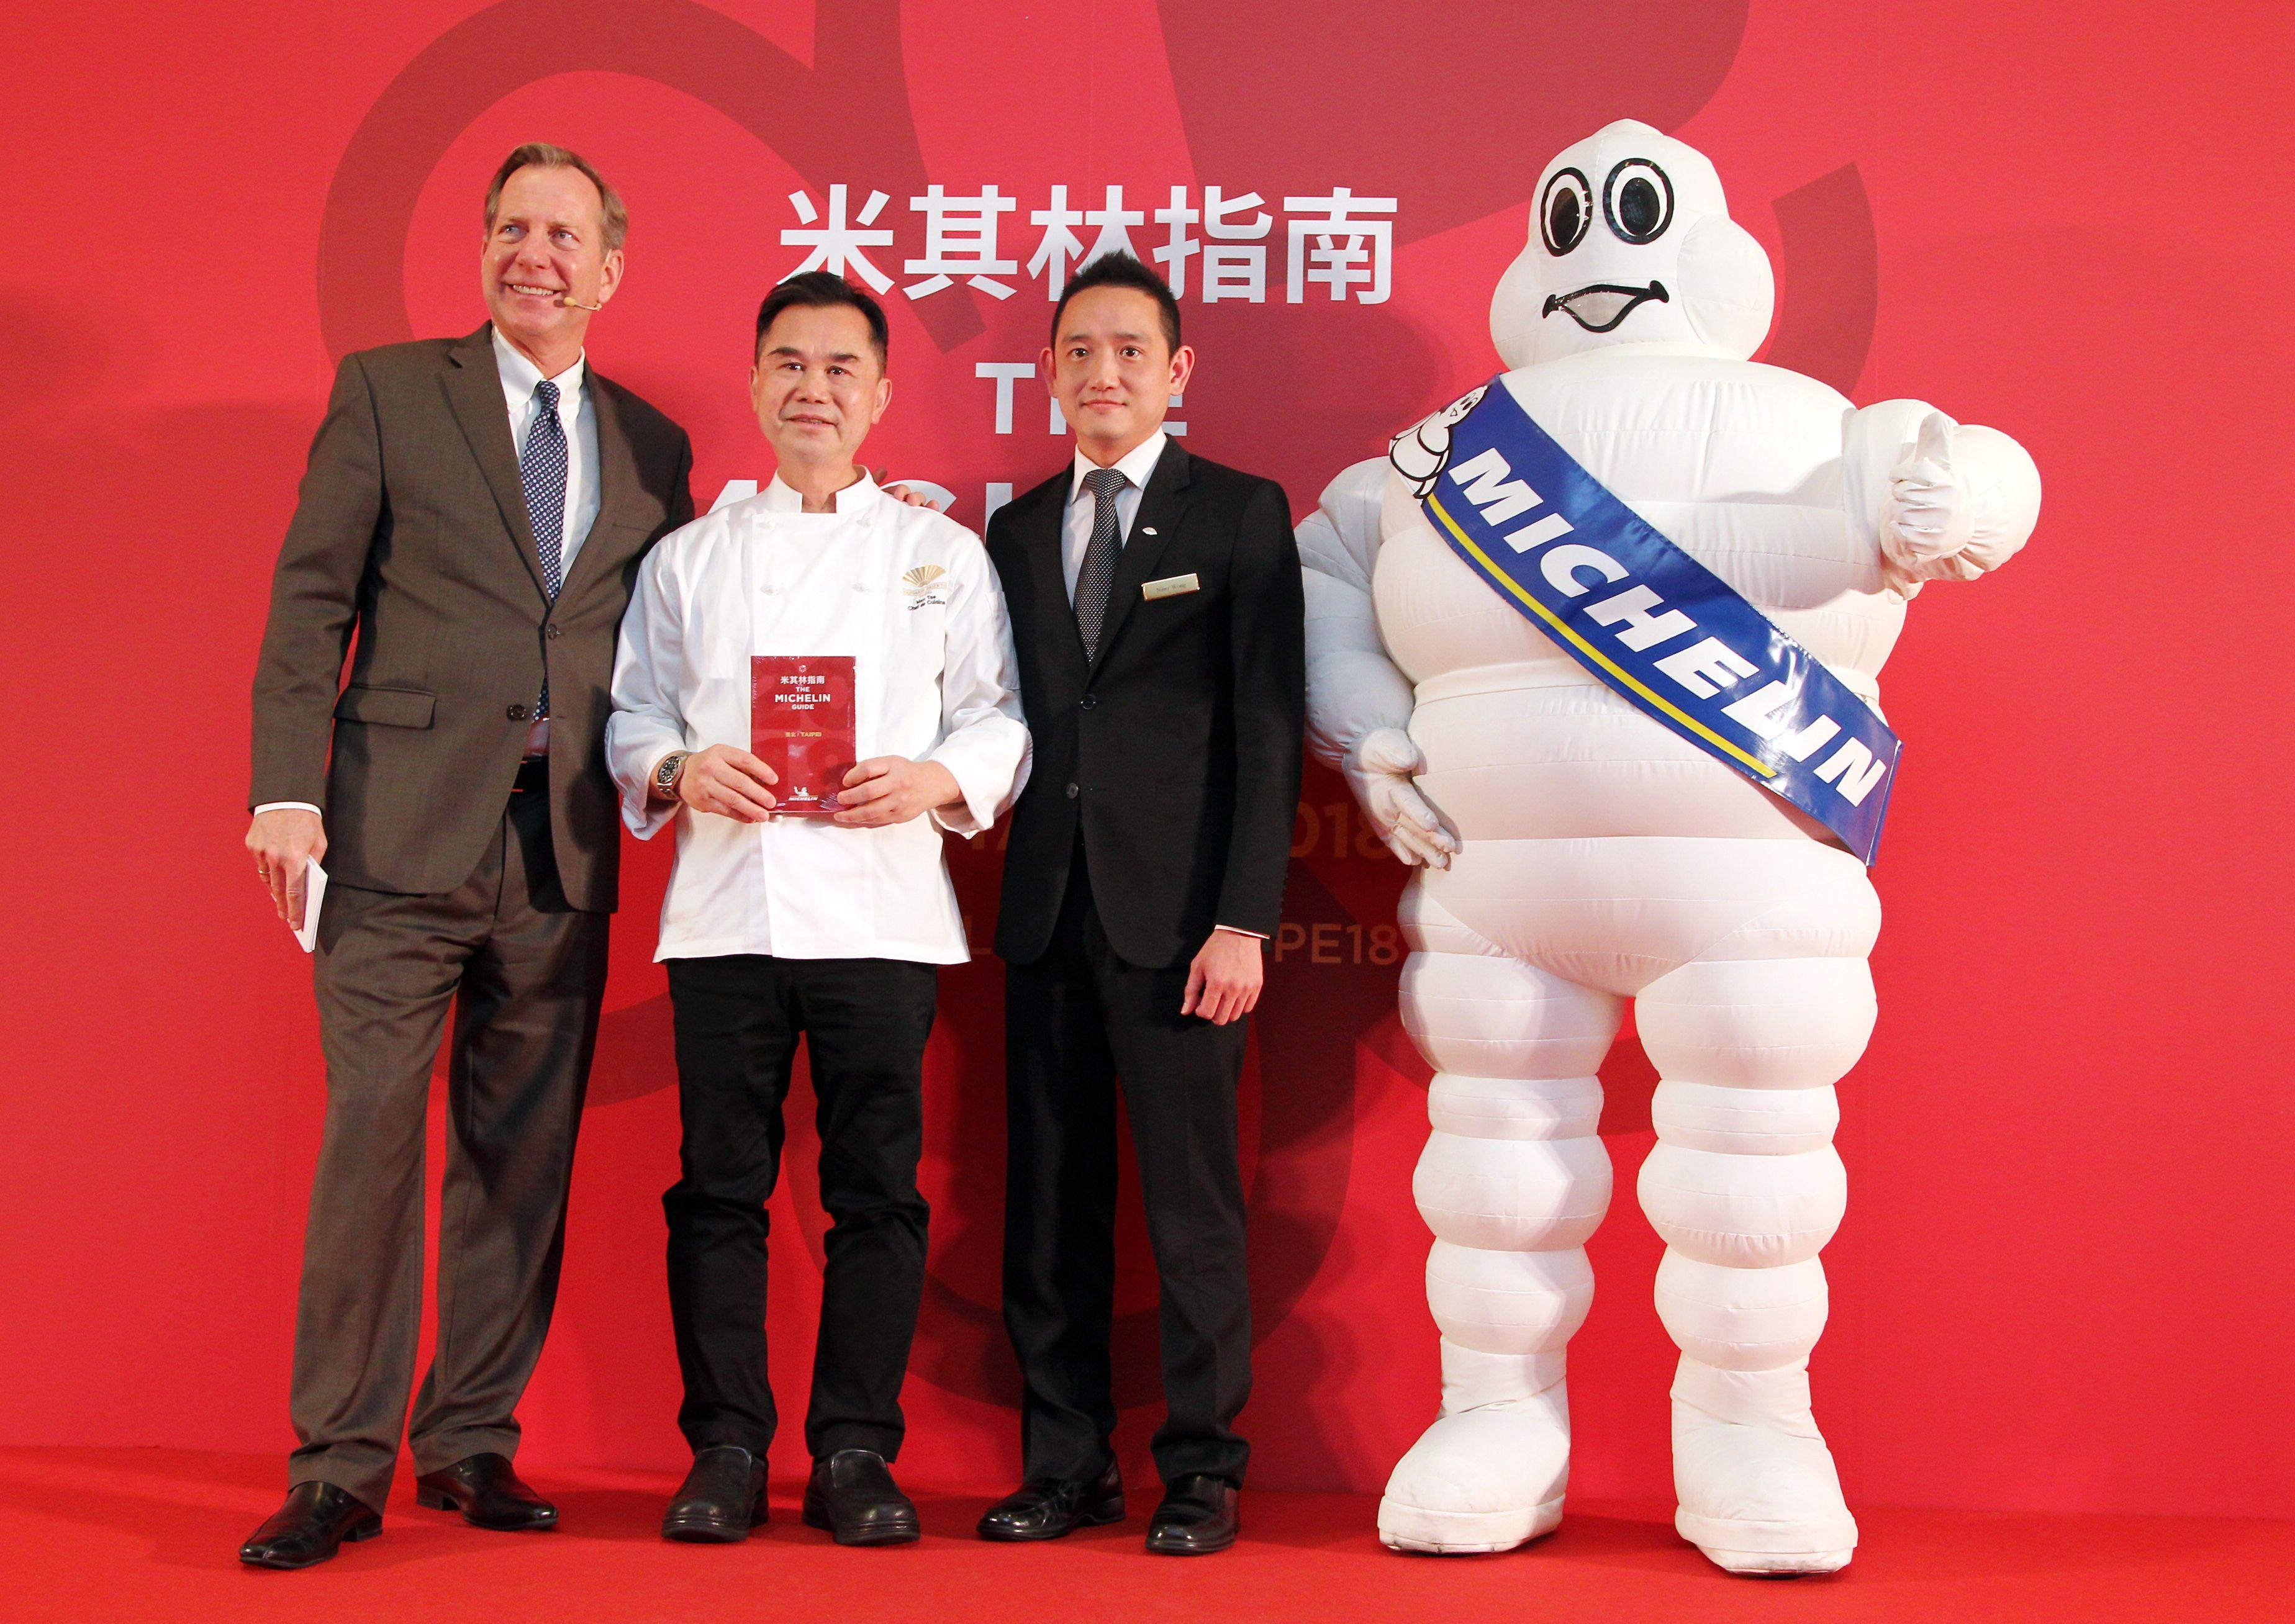 台北文華東方酒店雅閣中餐廳 獲得米其林一星餐廳。(記者邱榮吉/攝影)